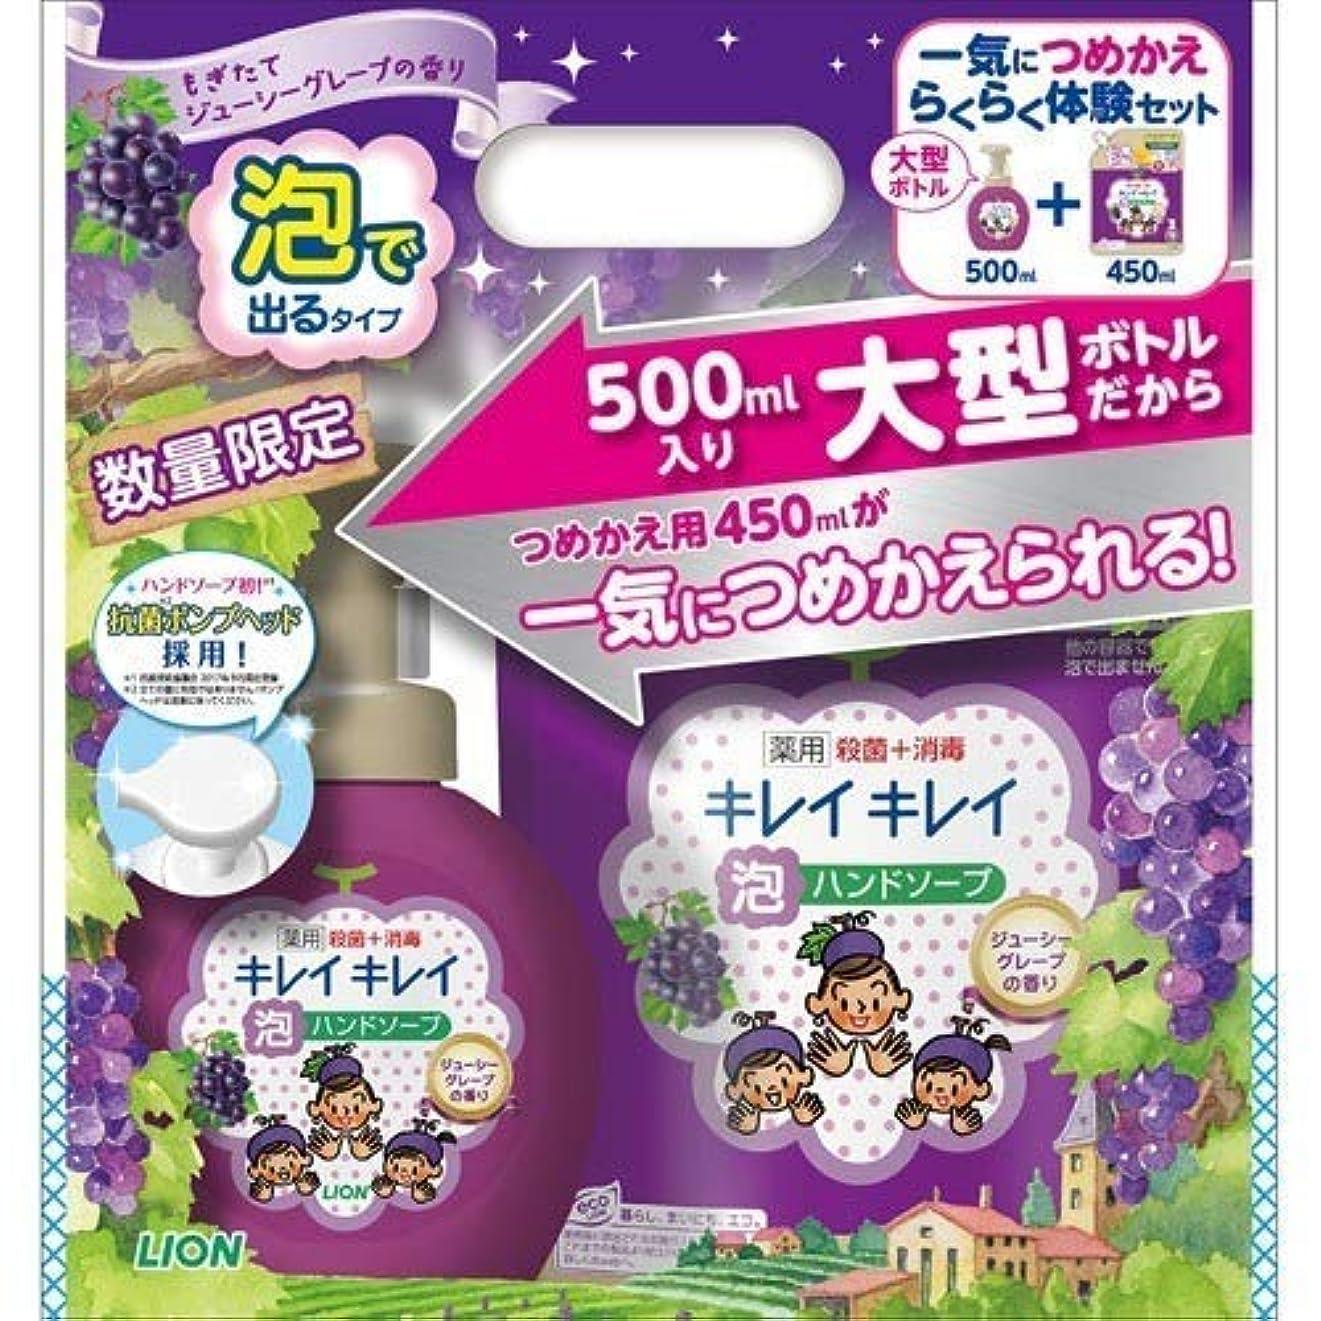 アクチュエータ人道的文化キレイキレイ 薬用泡ハンドソープ ジューシーグレープ 本体+つめ替えセット 500g+450g